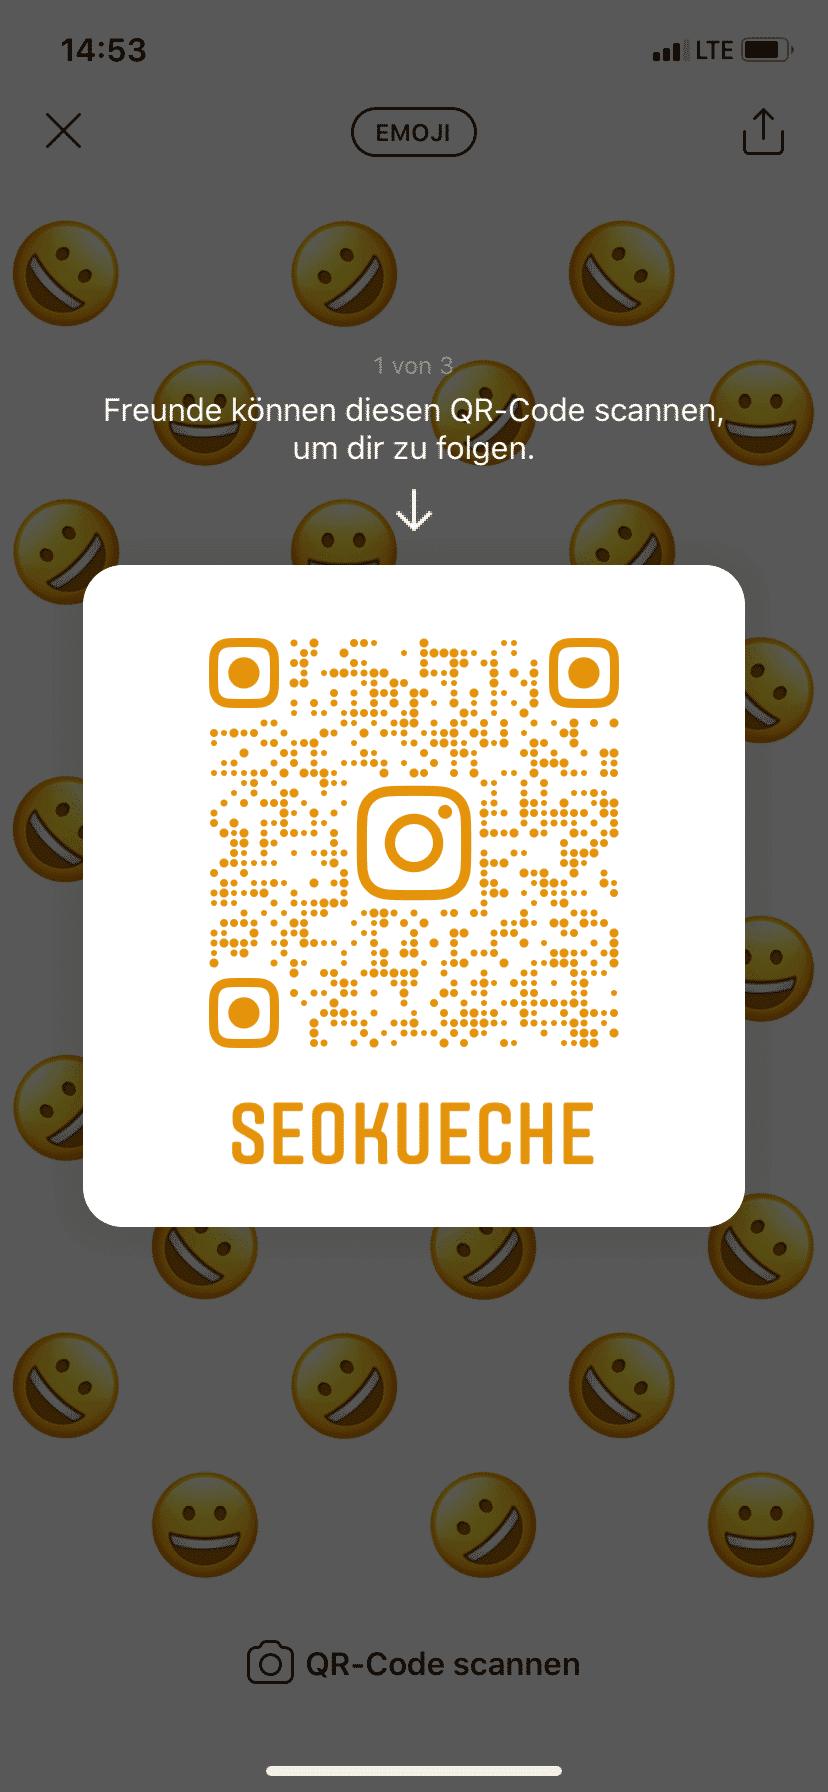 Mit dem QR-Code kann mit einem Unternehmen in Kontakt getreten und Kunden direkt auf den Instagram oder WhatsApp Account gelotst werden